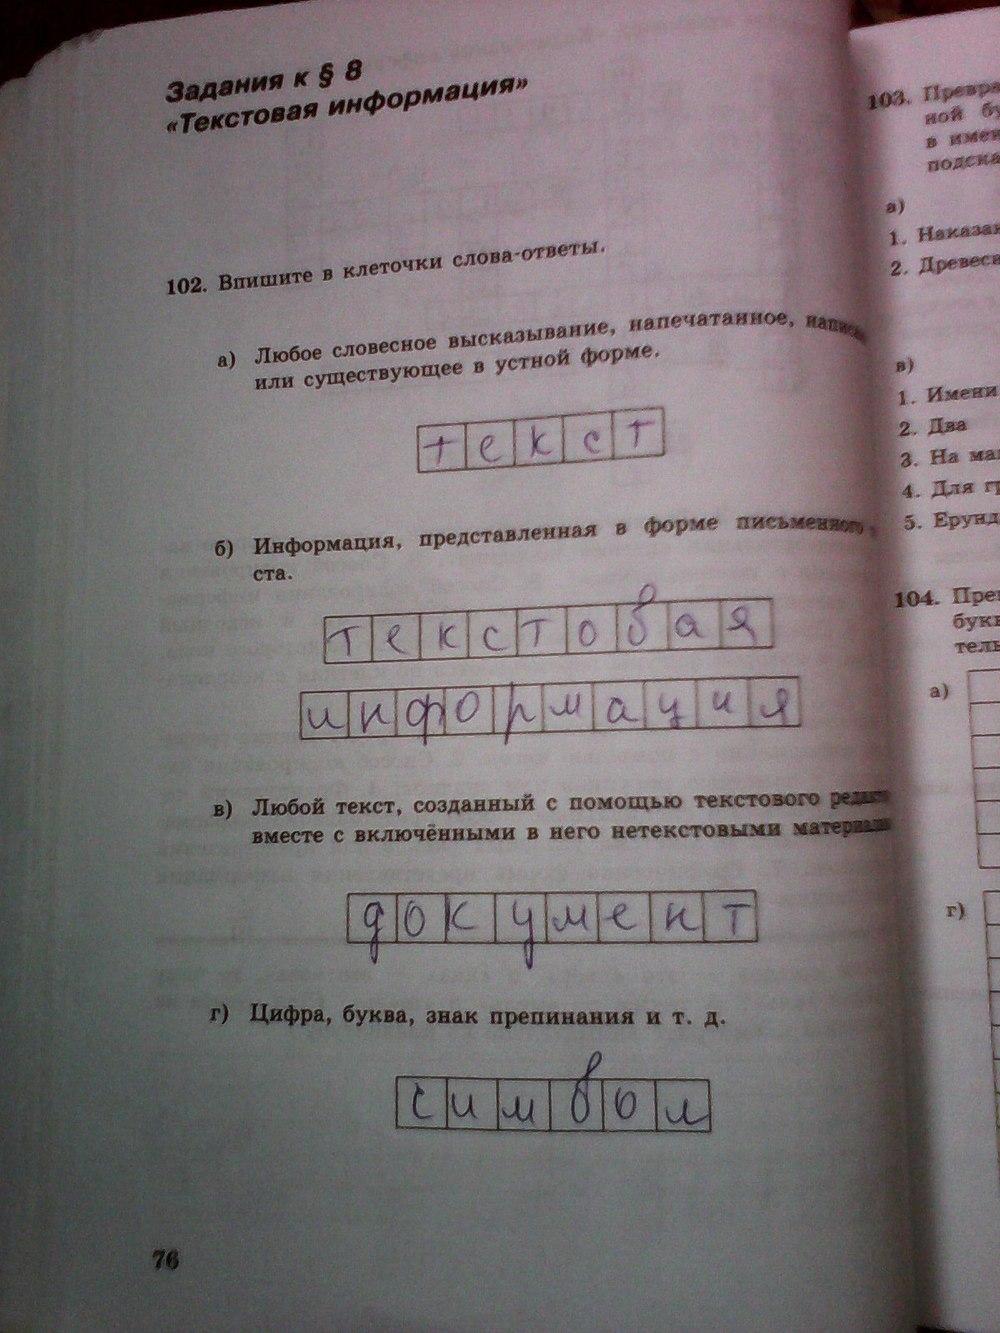 Печатная класс гдз информатике ответы 5 по тетрадь